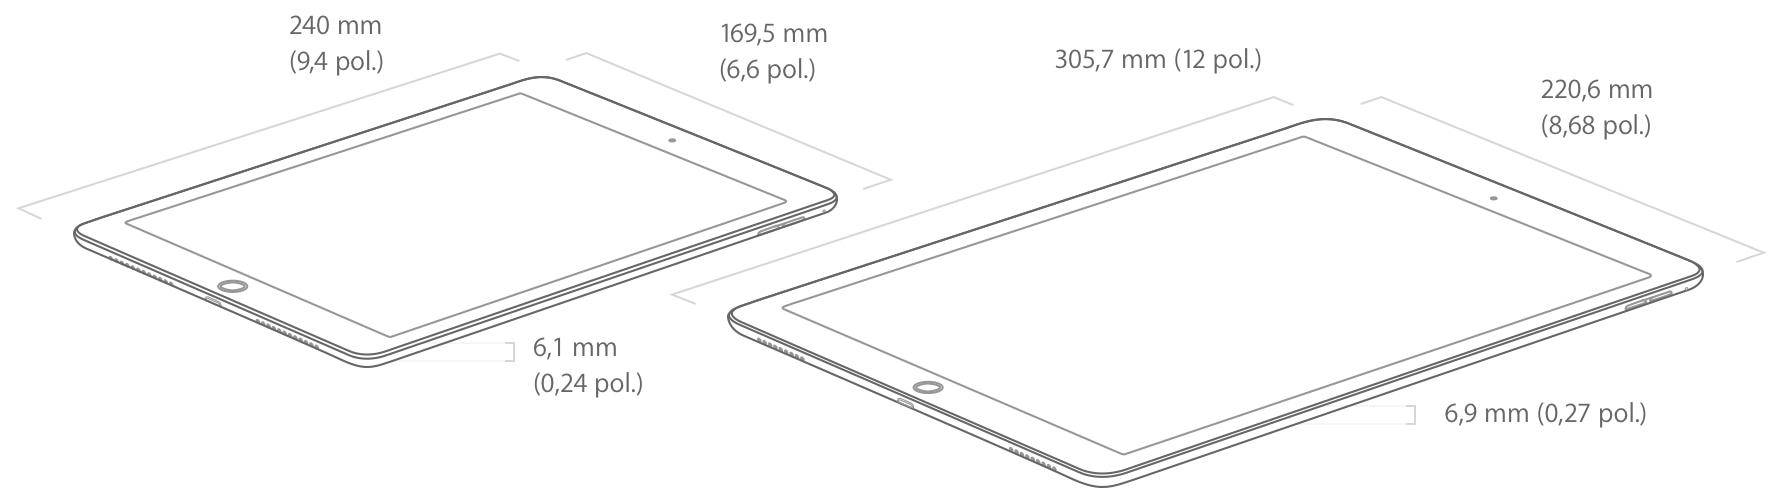 Dimensões dos iPads Pro